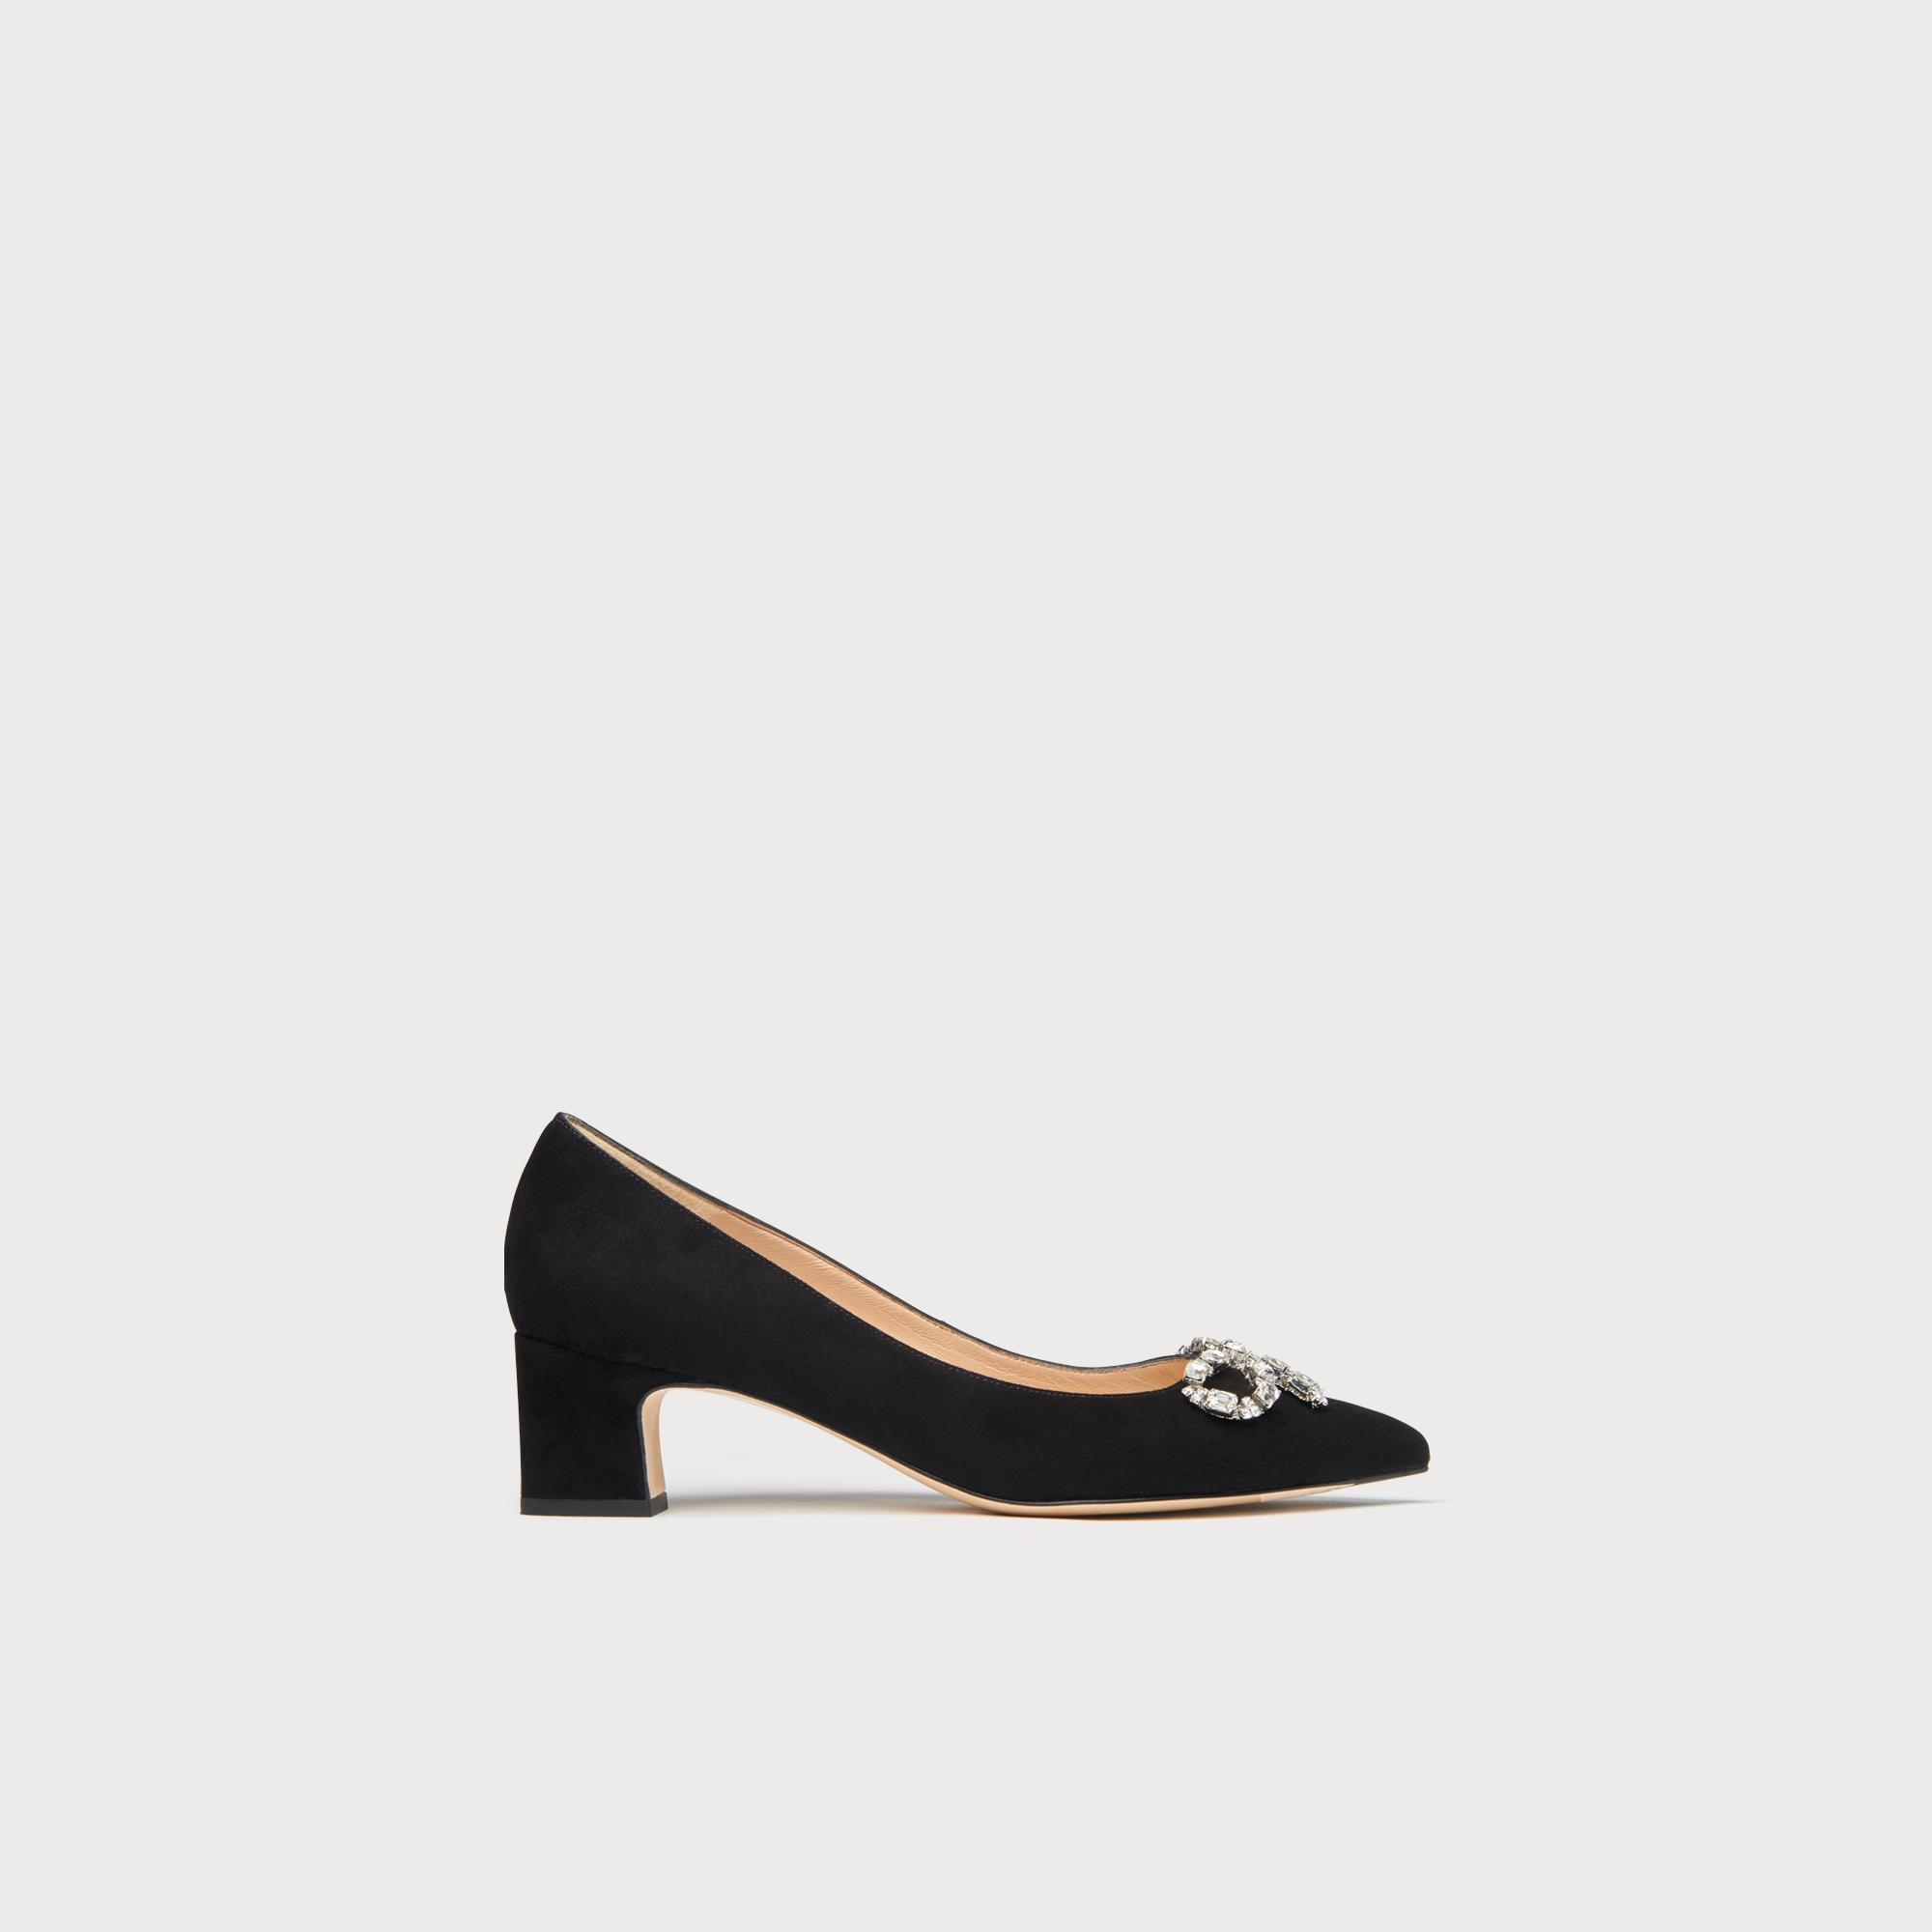 3c7272e57d318 Annabelle Black Crystal Bow Heels